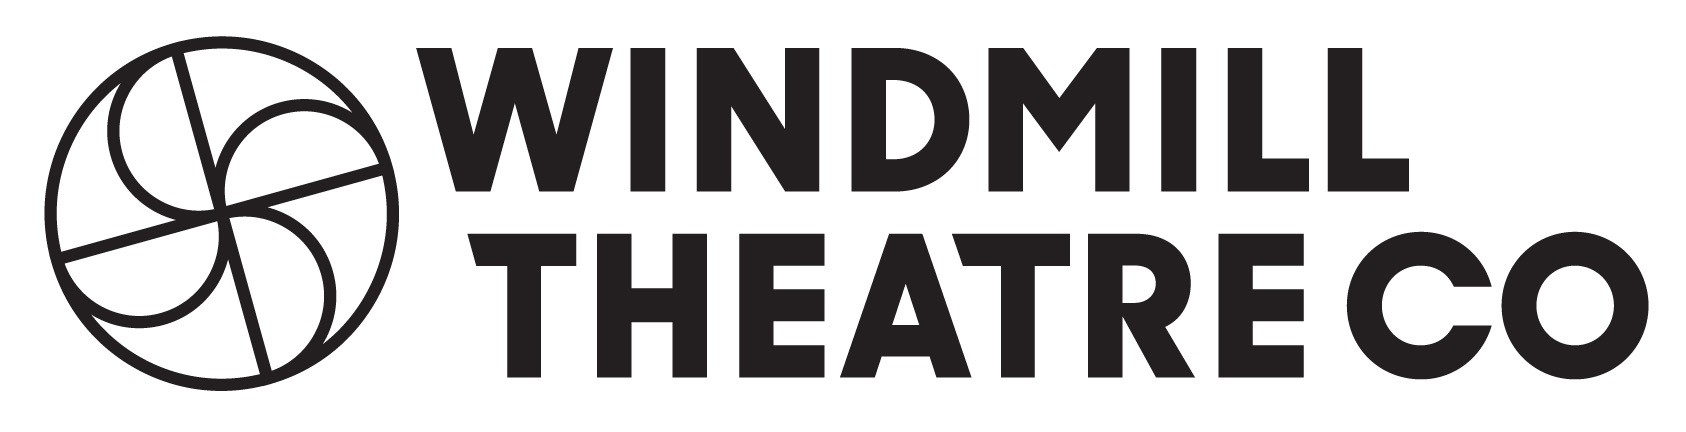 Windmill Theatre Co Logo